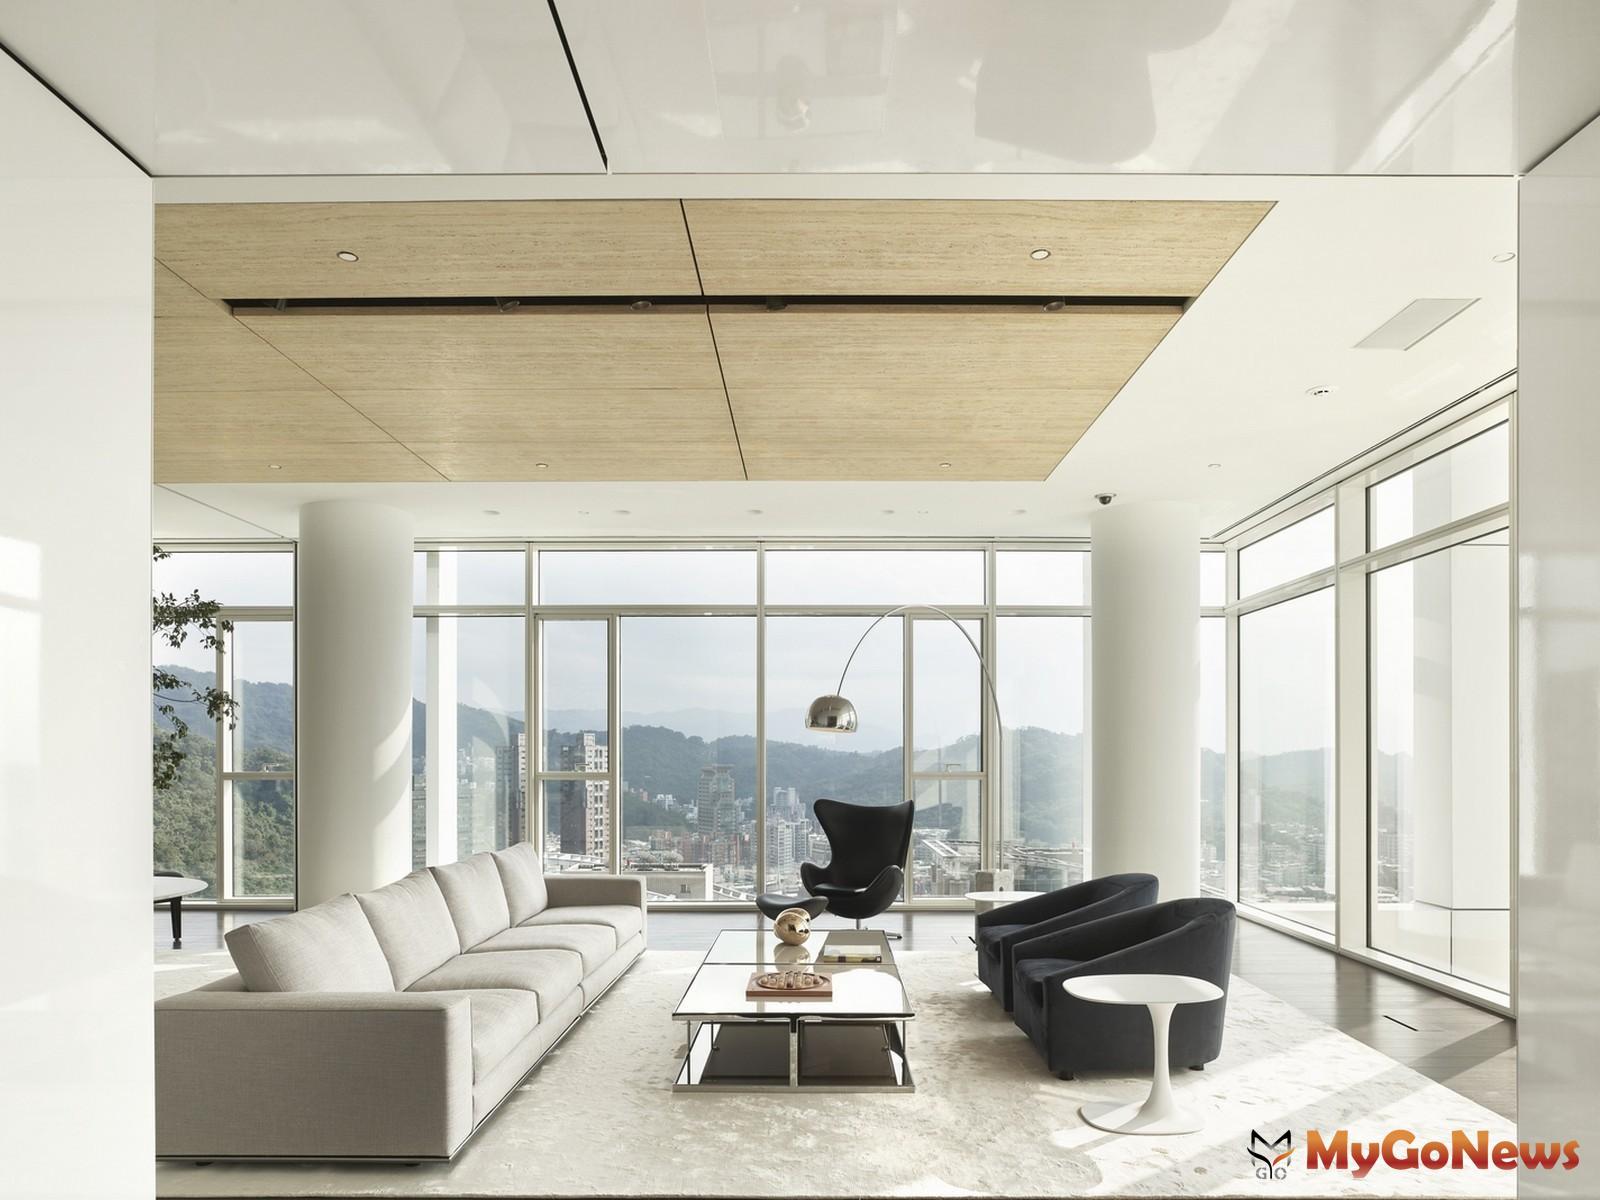 高樓層採單層獨戶258坪,設計獨立開放的自由通透空間,而圓柱成為室內的一大特色(圖/業者提供) MyGoNews房地產新聞 熱銷推案